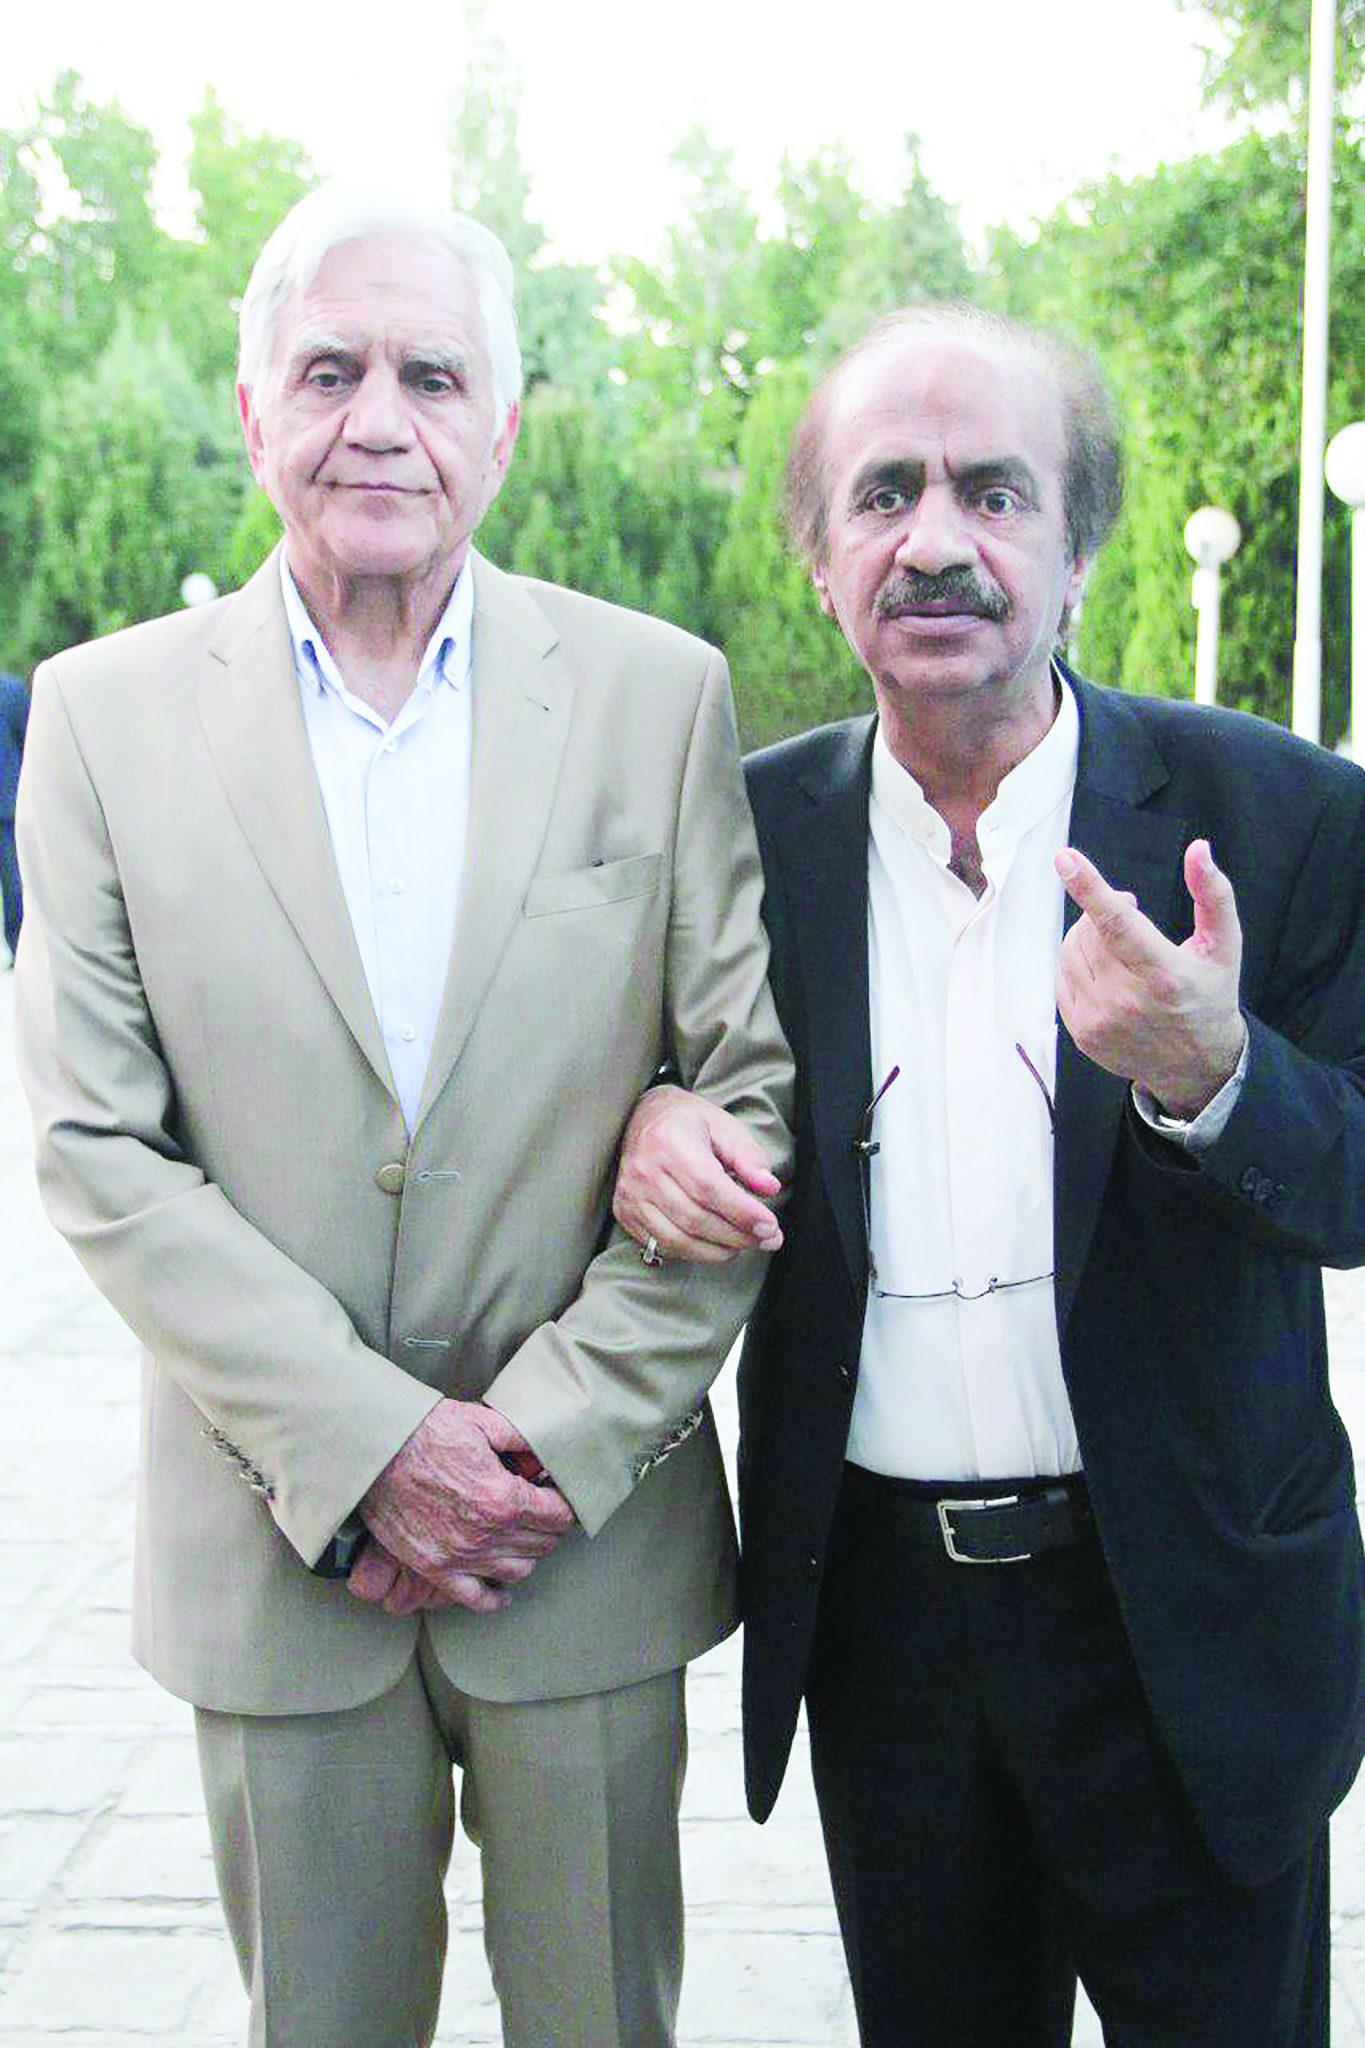 به اصفهانی بودنم افتخار میکنم / گفت و گو با ستاره سابق دو و میدانی اصفهان